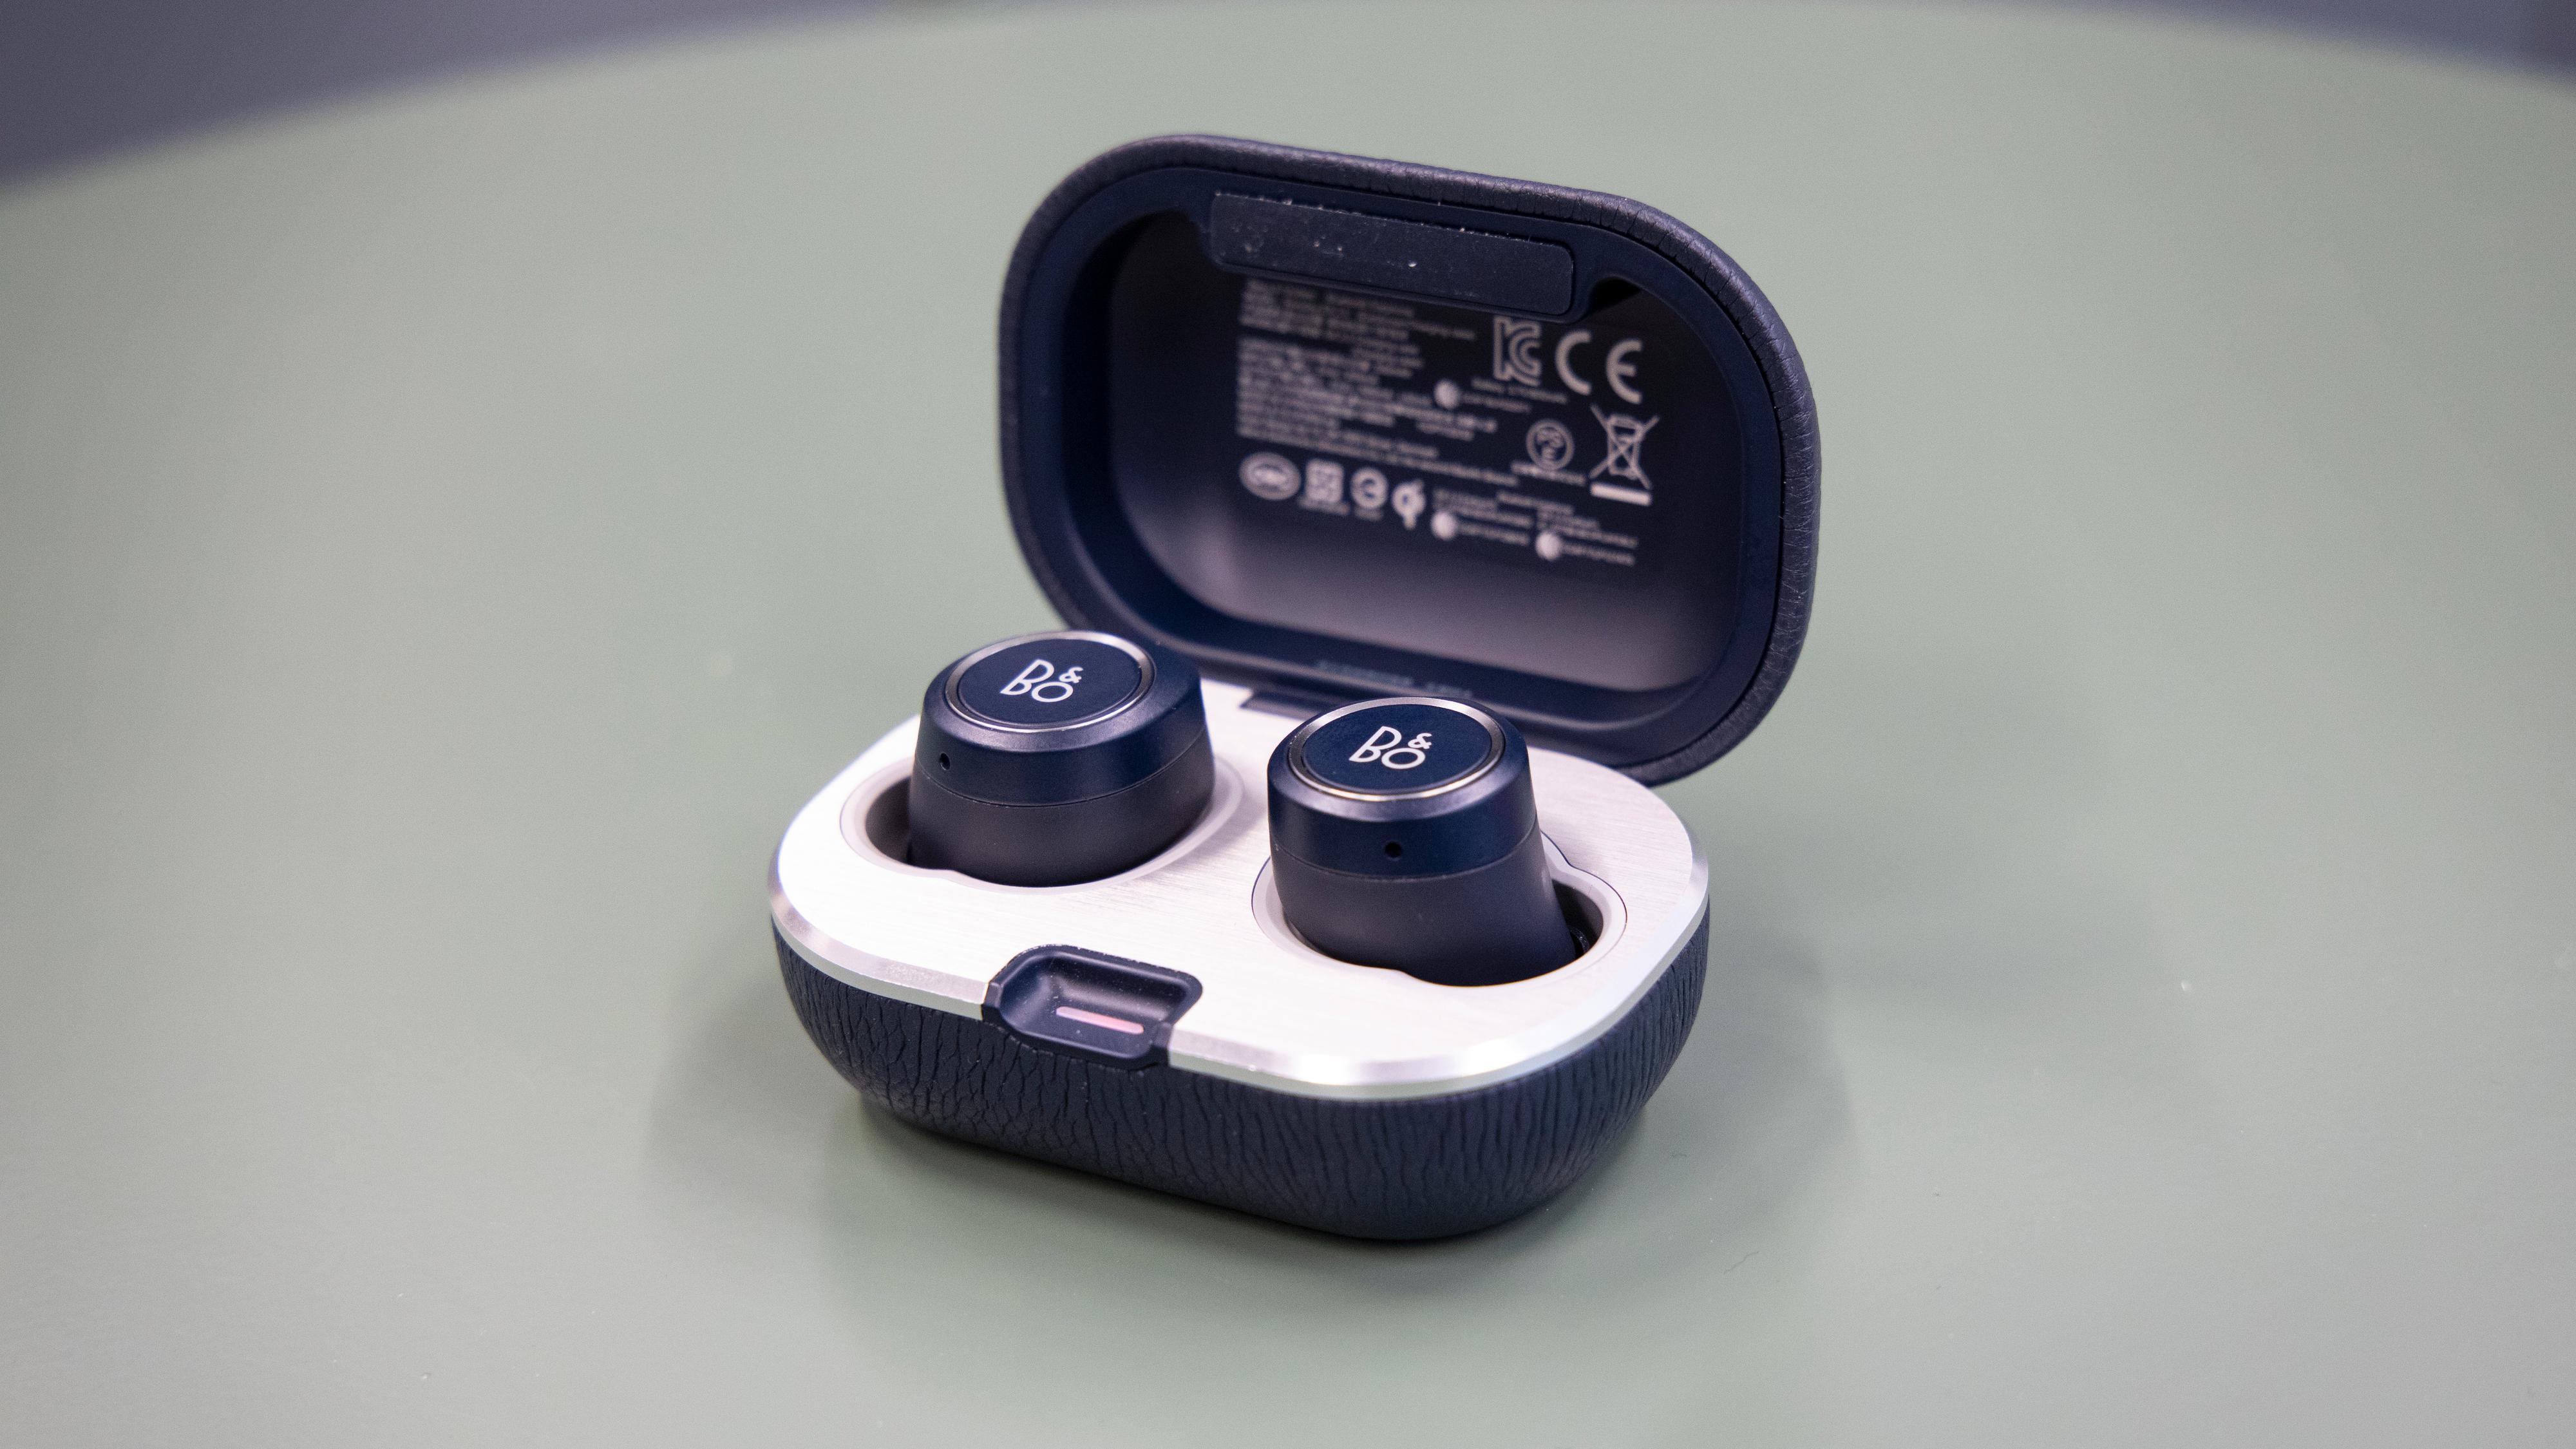 Det nye etuiet har fått en aluminiumsplate innvendig. Magneter gjør at pluggene enkelt klikker på plass.